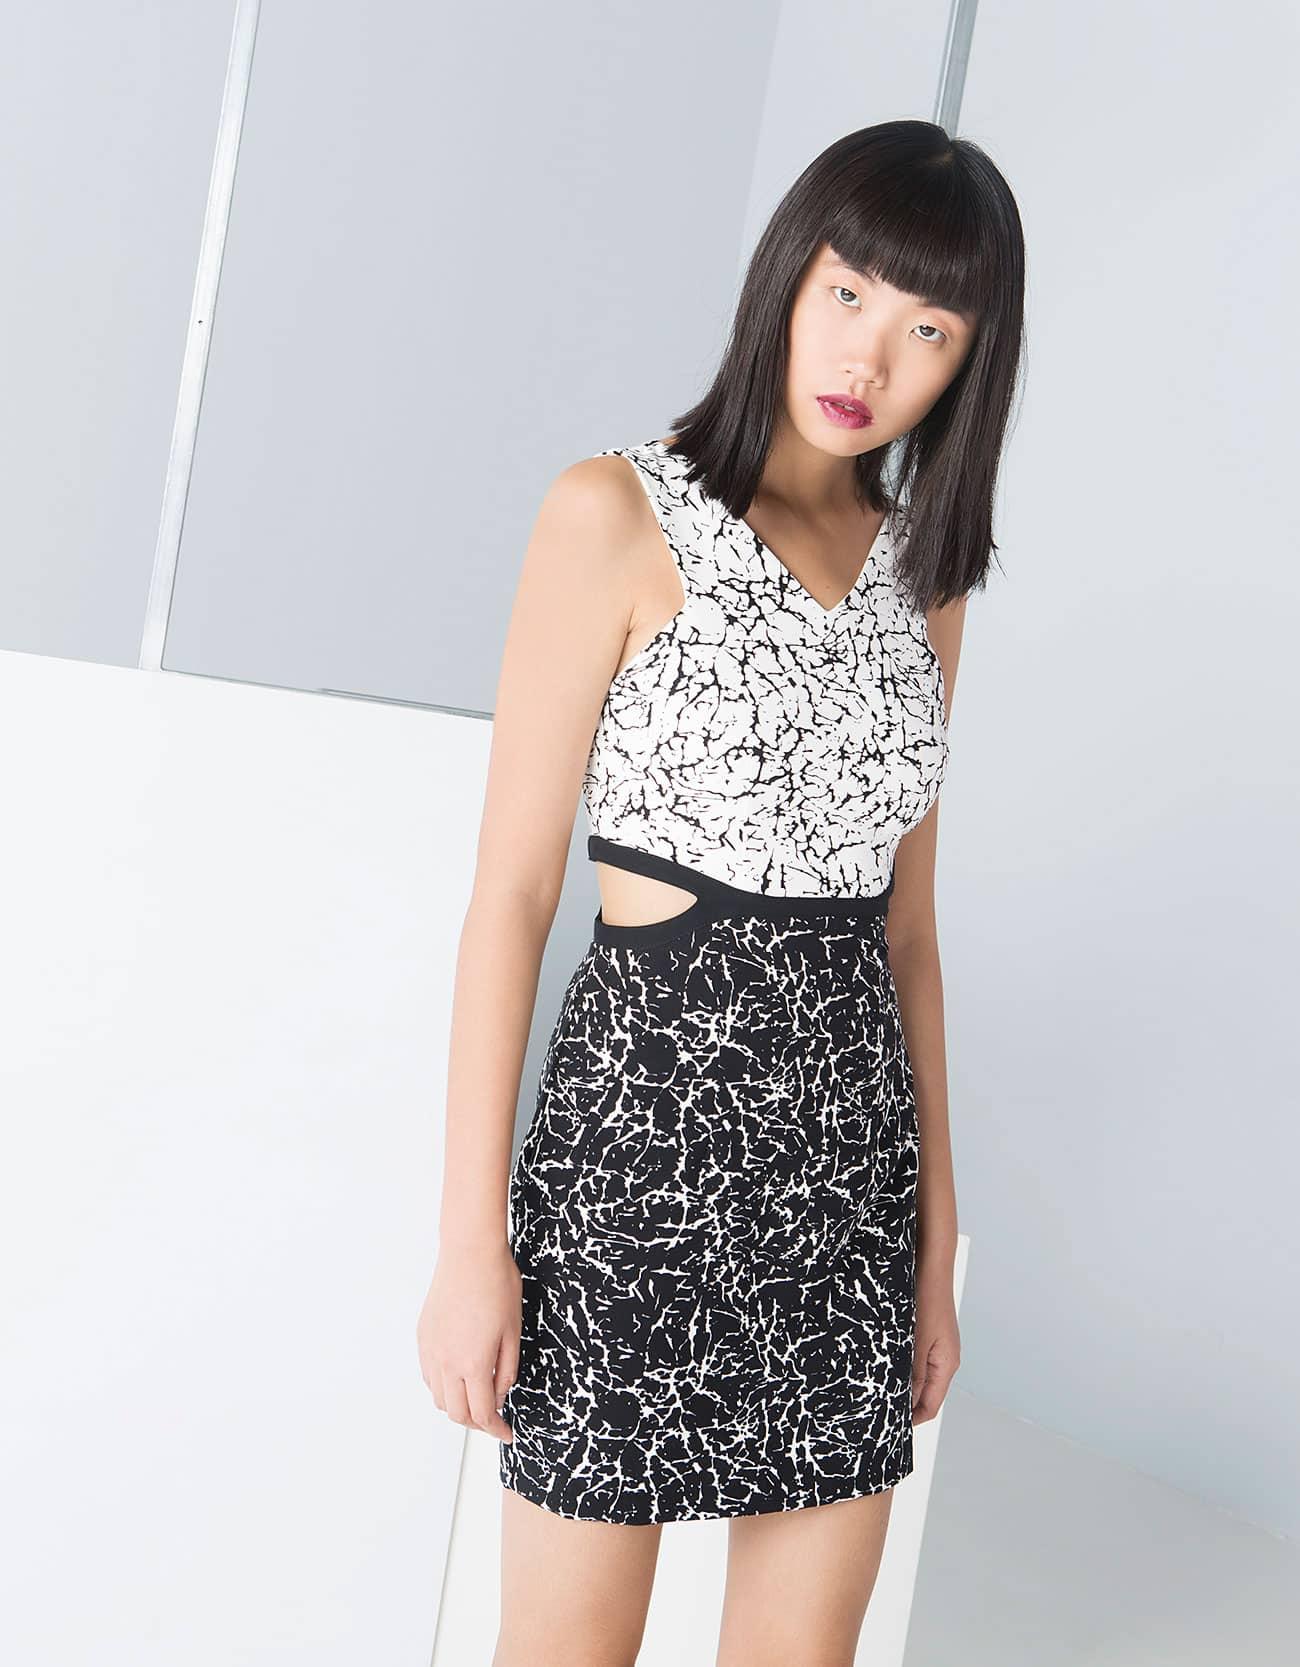 Bershka vestito black and white con aperture laterali 35.99 euro